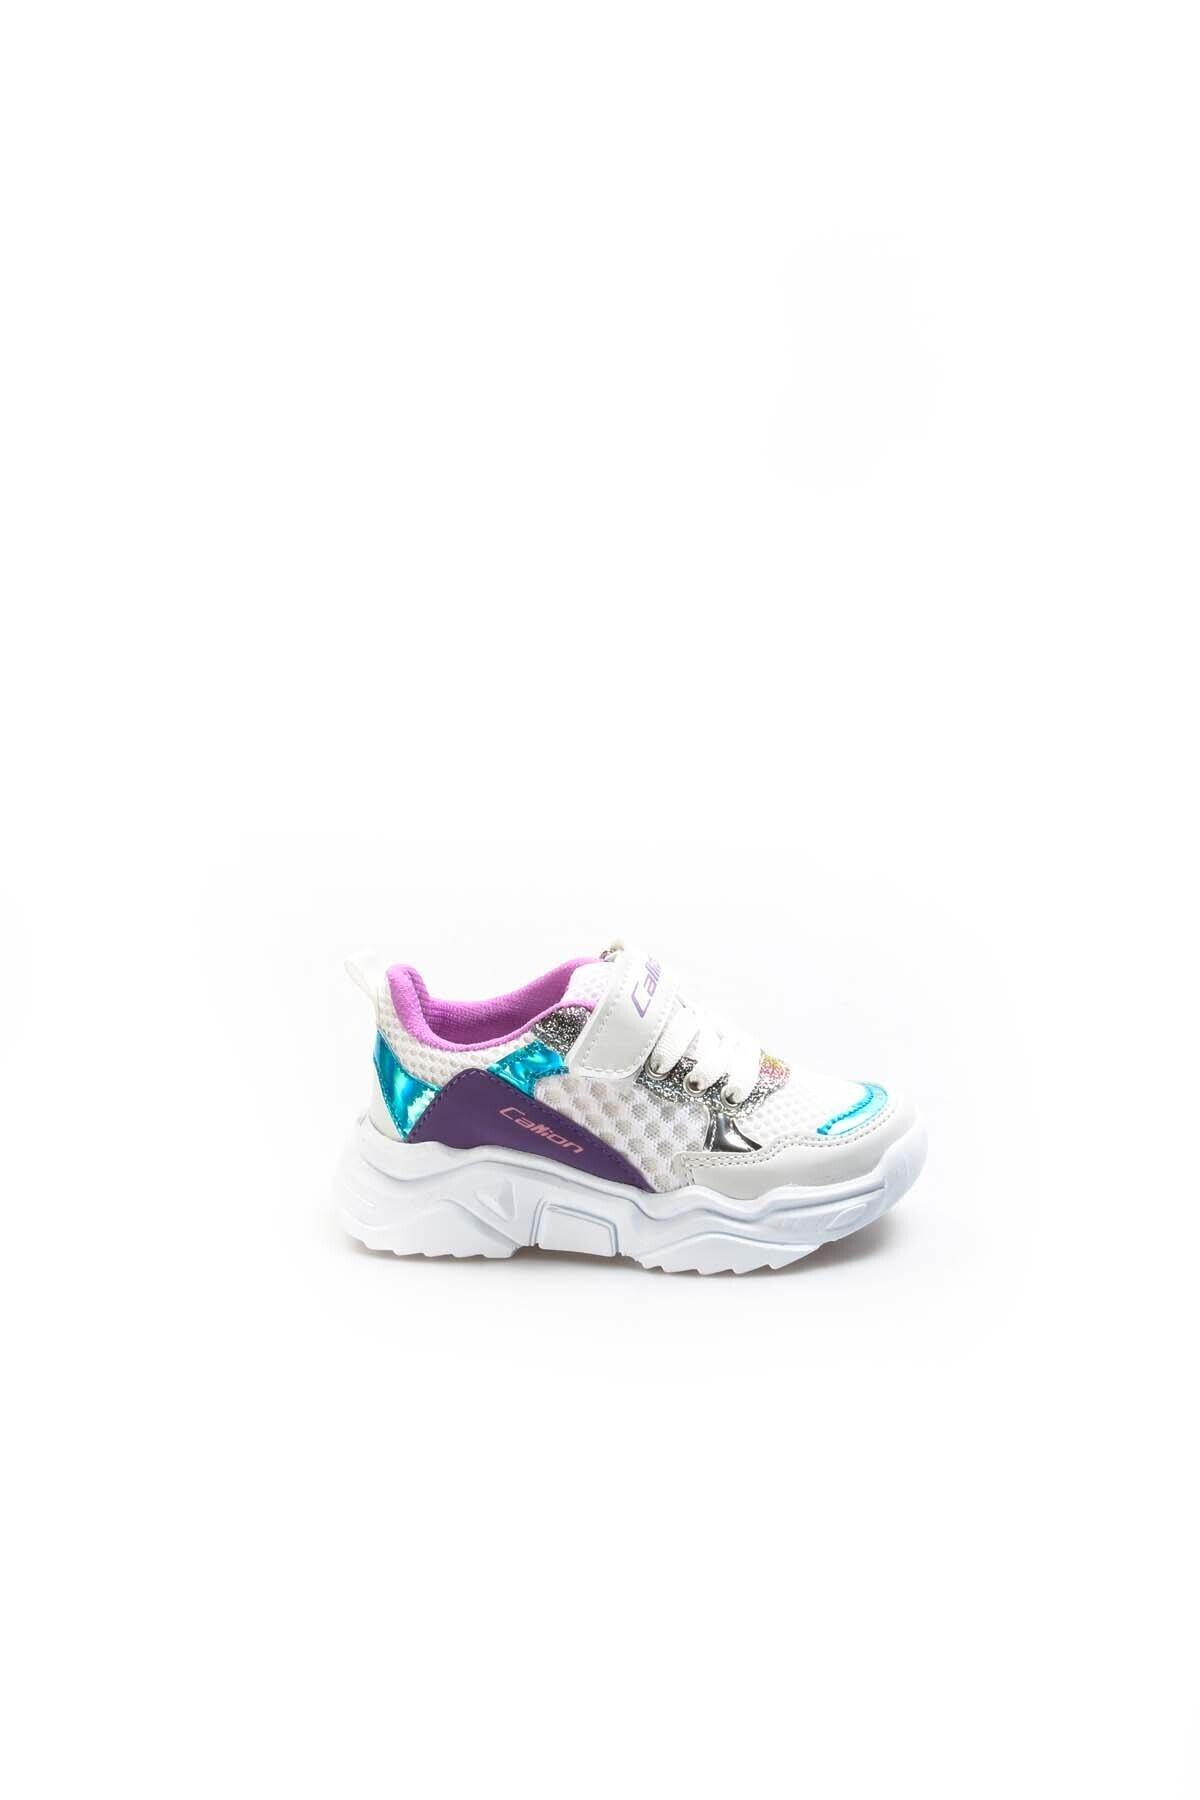 FAST STEP Beyaz Turkuaz Lila Unisex Çocuk Sneaker Ayakkabı 868pa051c 1